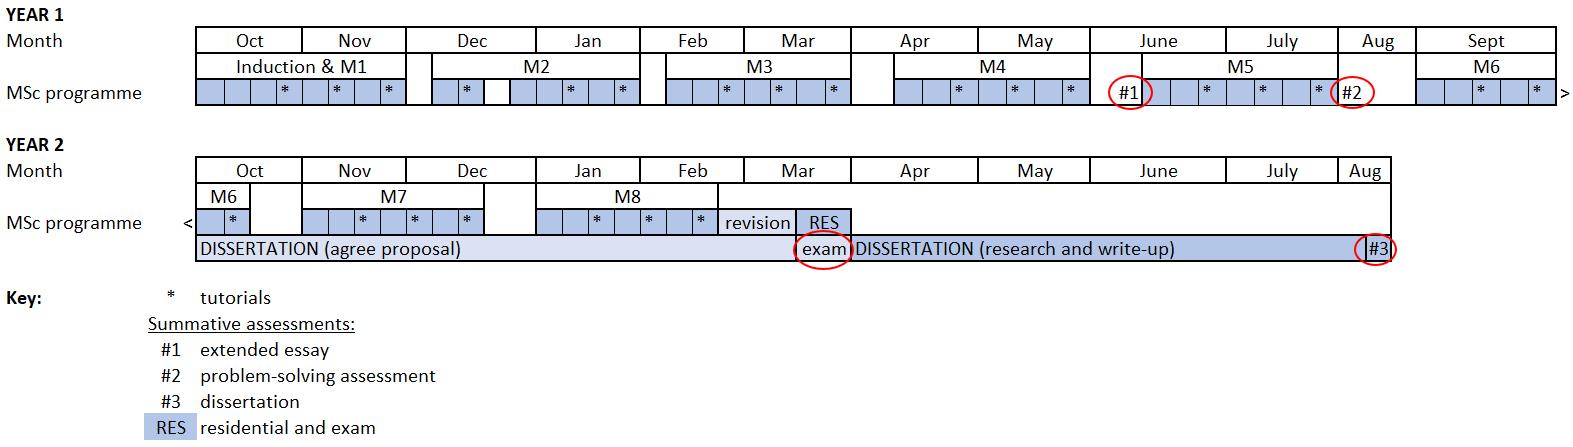 PCM Schedule